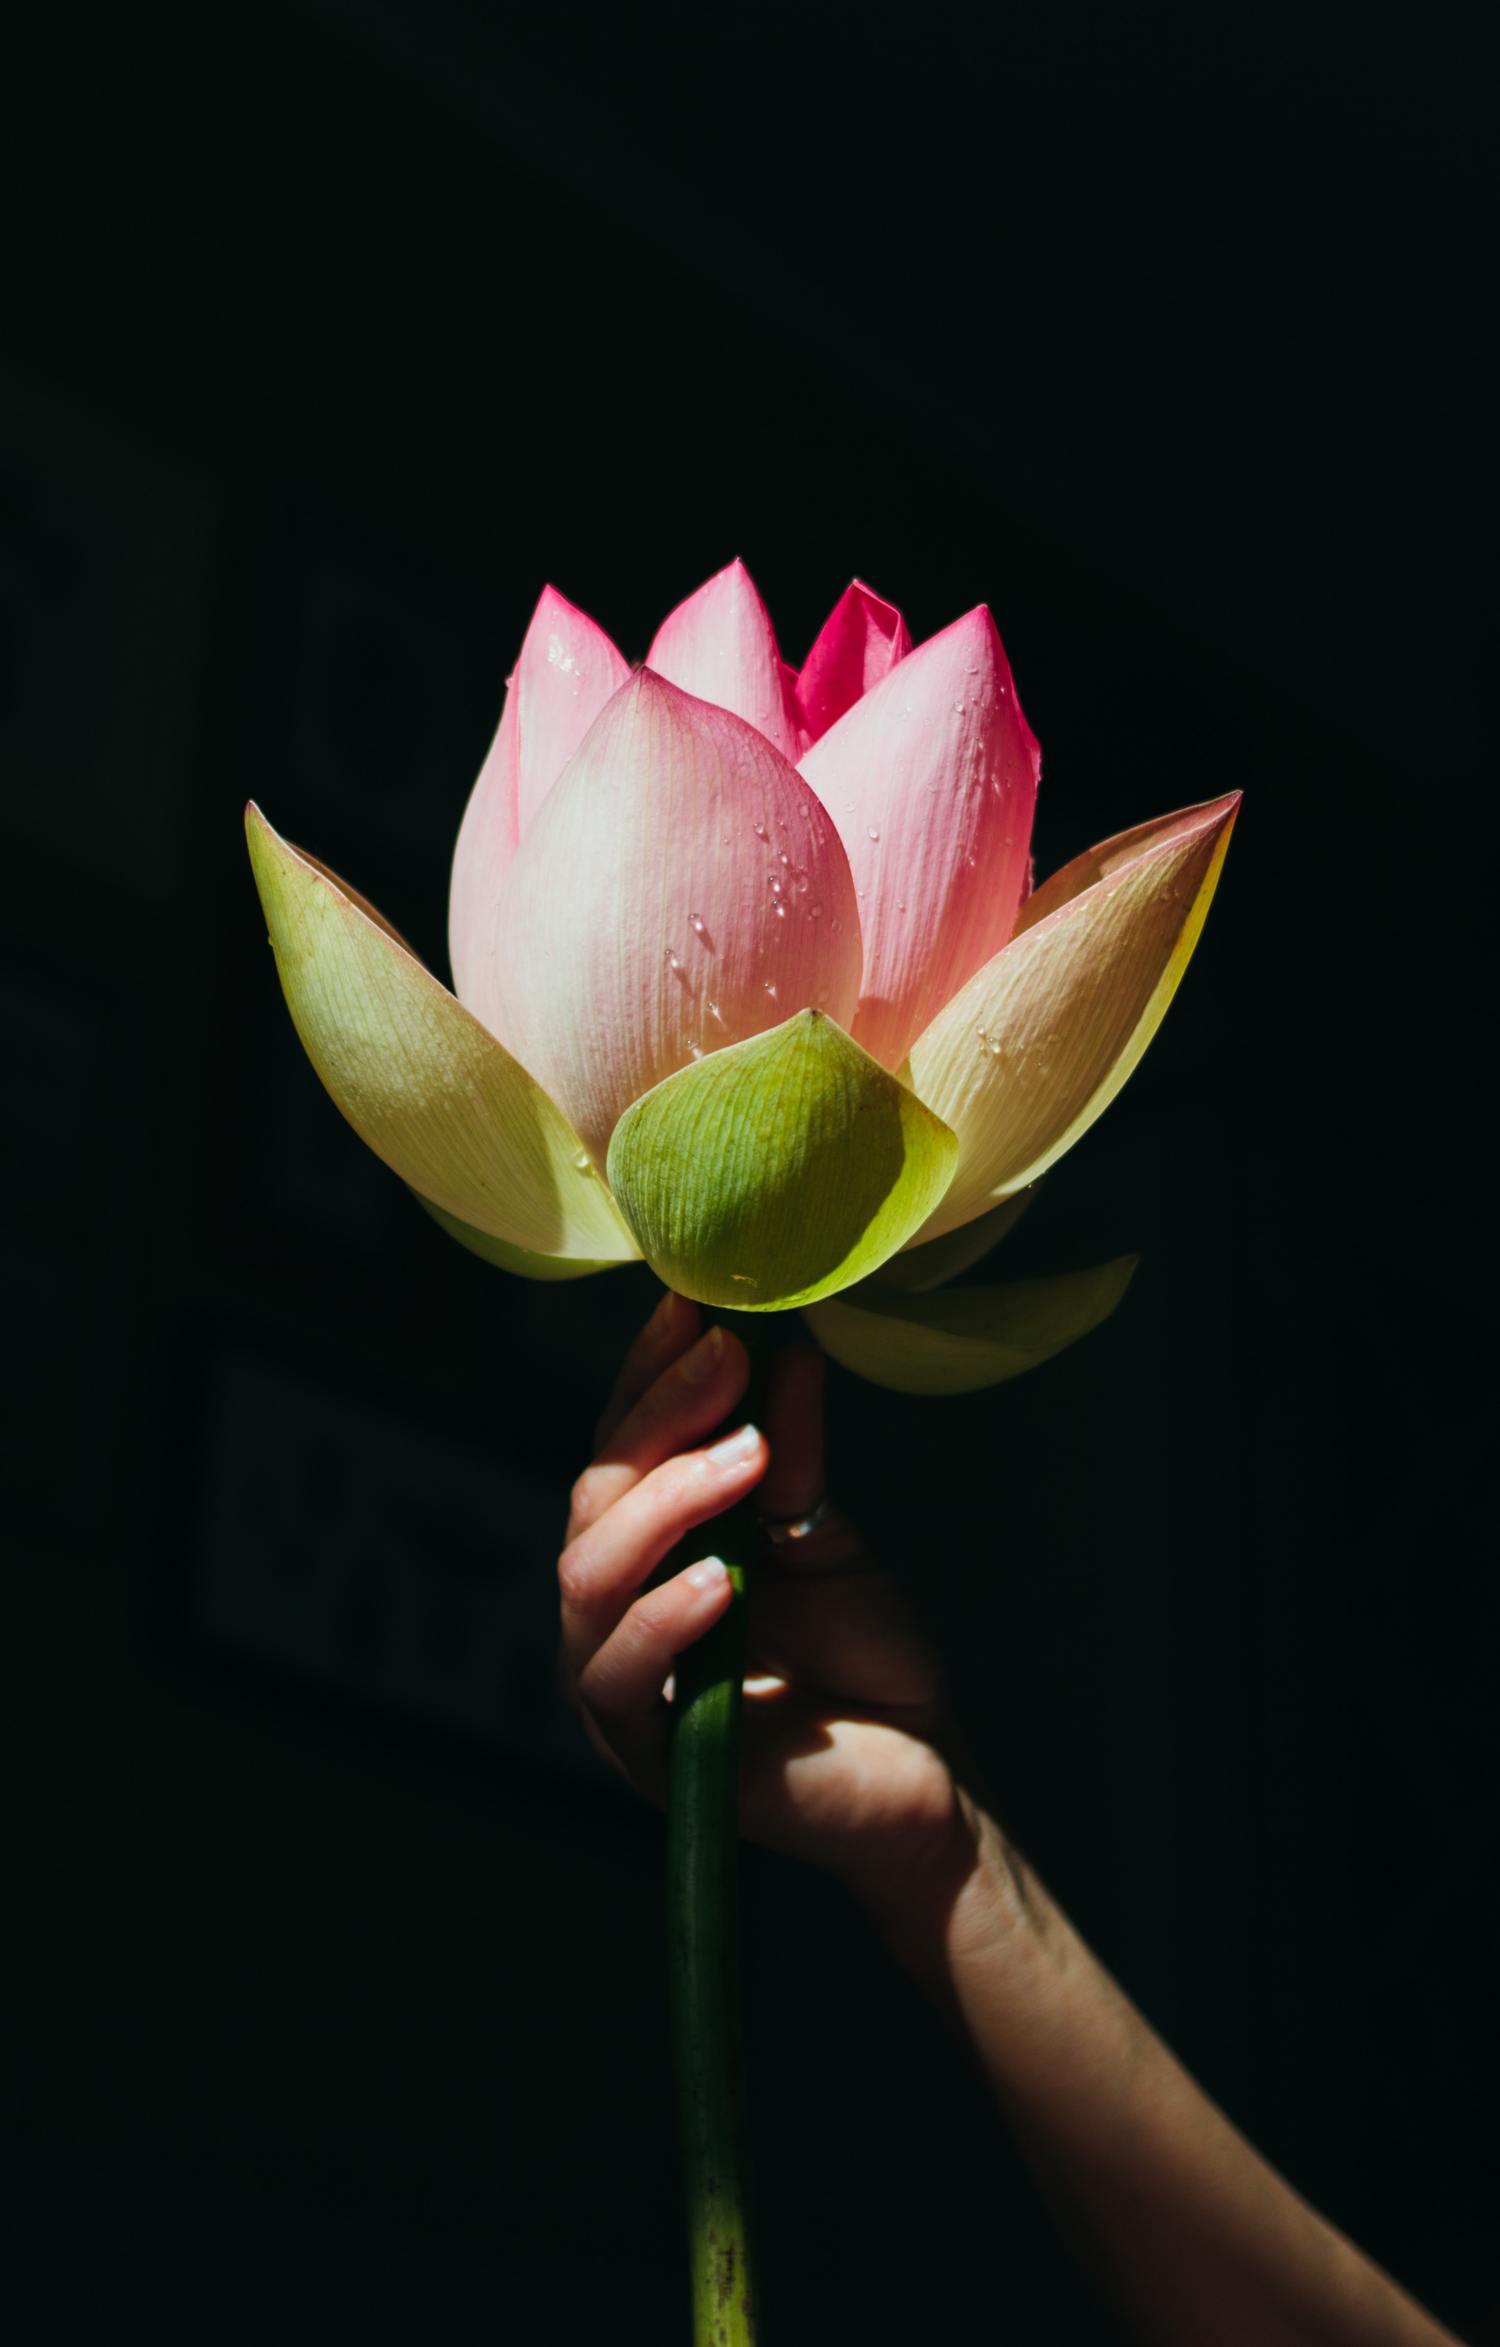 Flor con fondo negro sujeta con mano